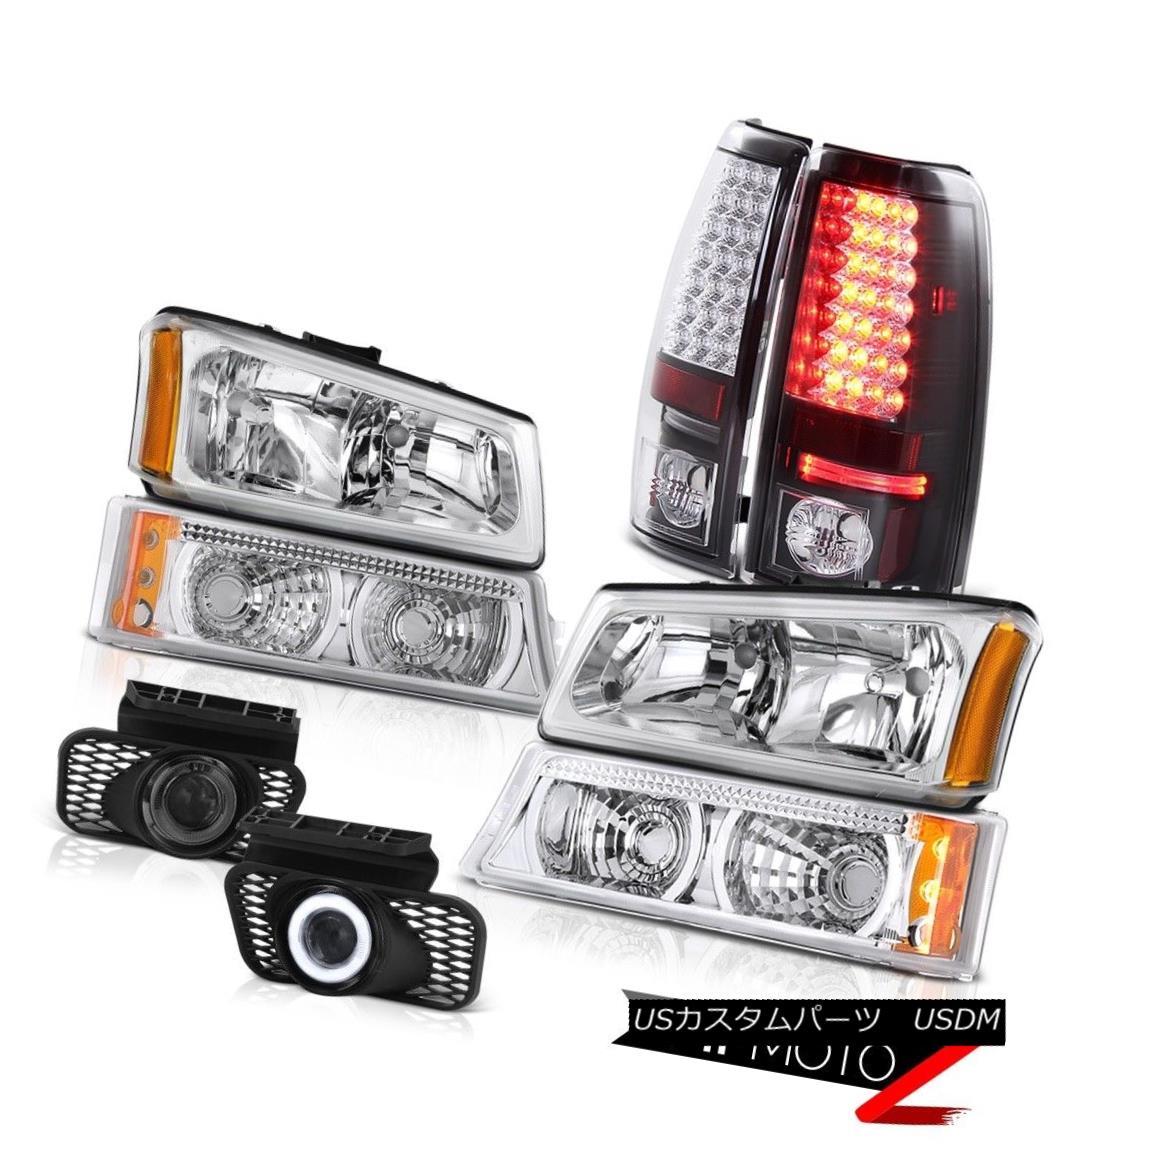 テールライト Crystal Headlamps Turn Signal LED Tail Light Foglamp 2003-2006 Silverado 6.0L V8 クリスタルヘッドランプターンシグナルLEDテールライトFoglamp 2003-2006 Silverado 6.0L V8